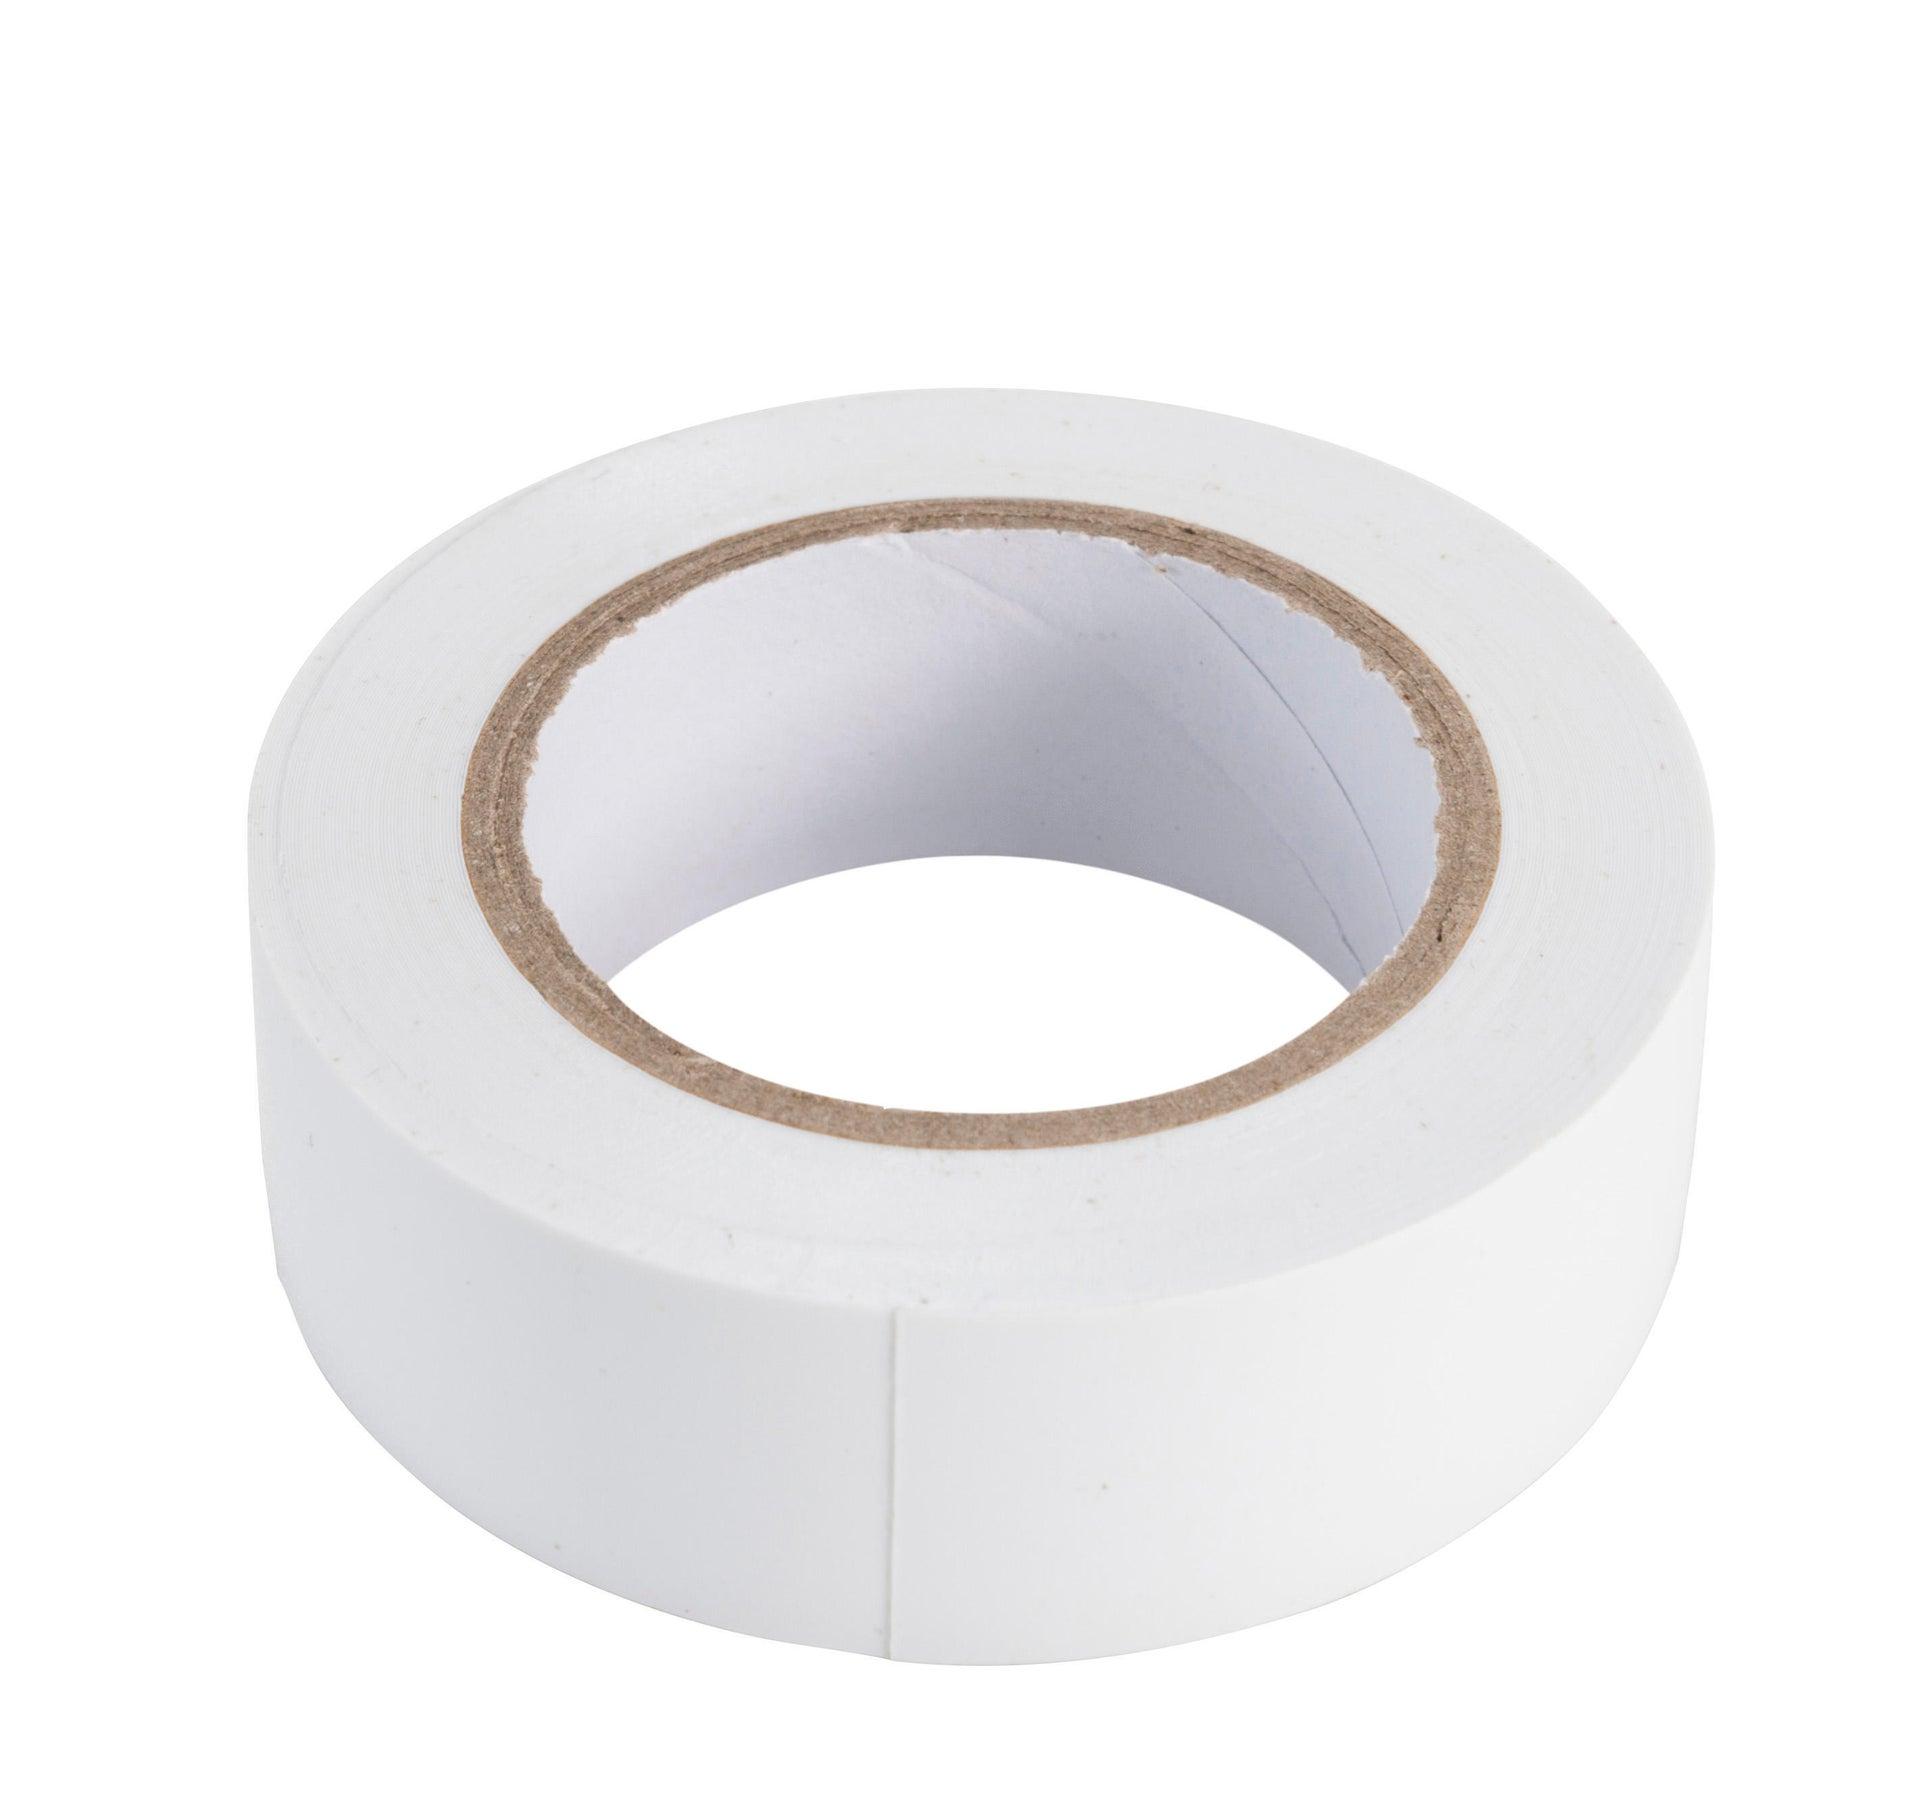 Nastro isolante 19 x 10000 mm x sp 0.15 mm bianco - 3